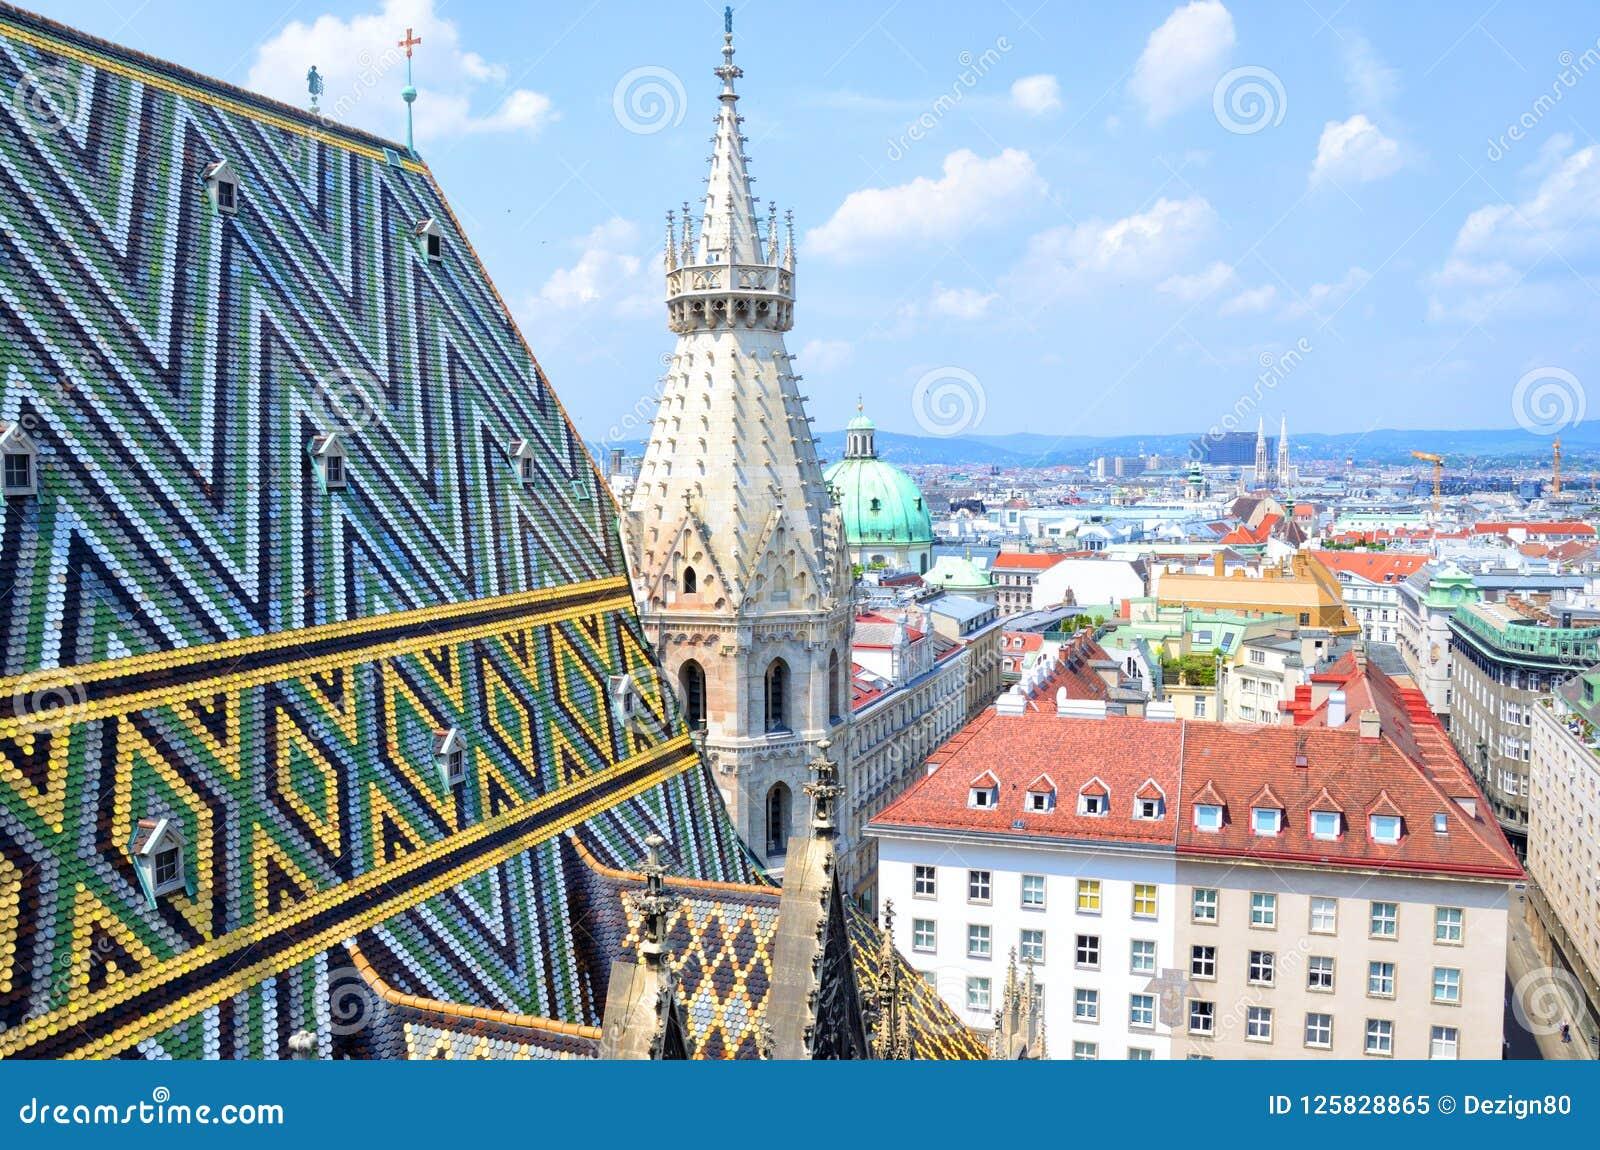 Cathédrale de Stephansdom à partir de son dessus à Vienne, Autriche